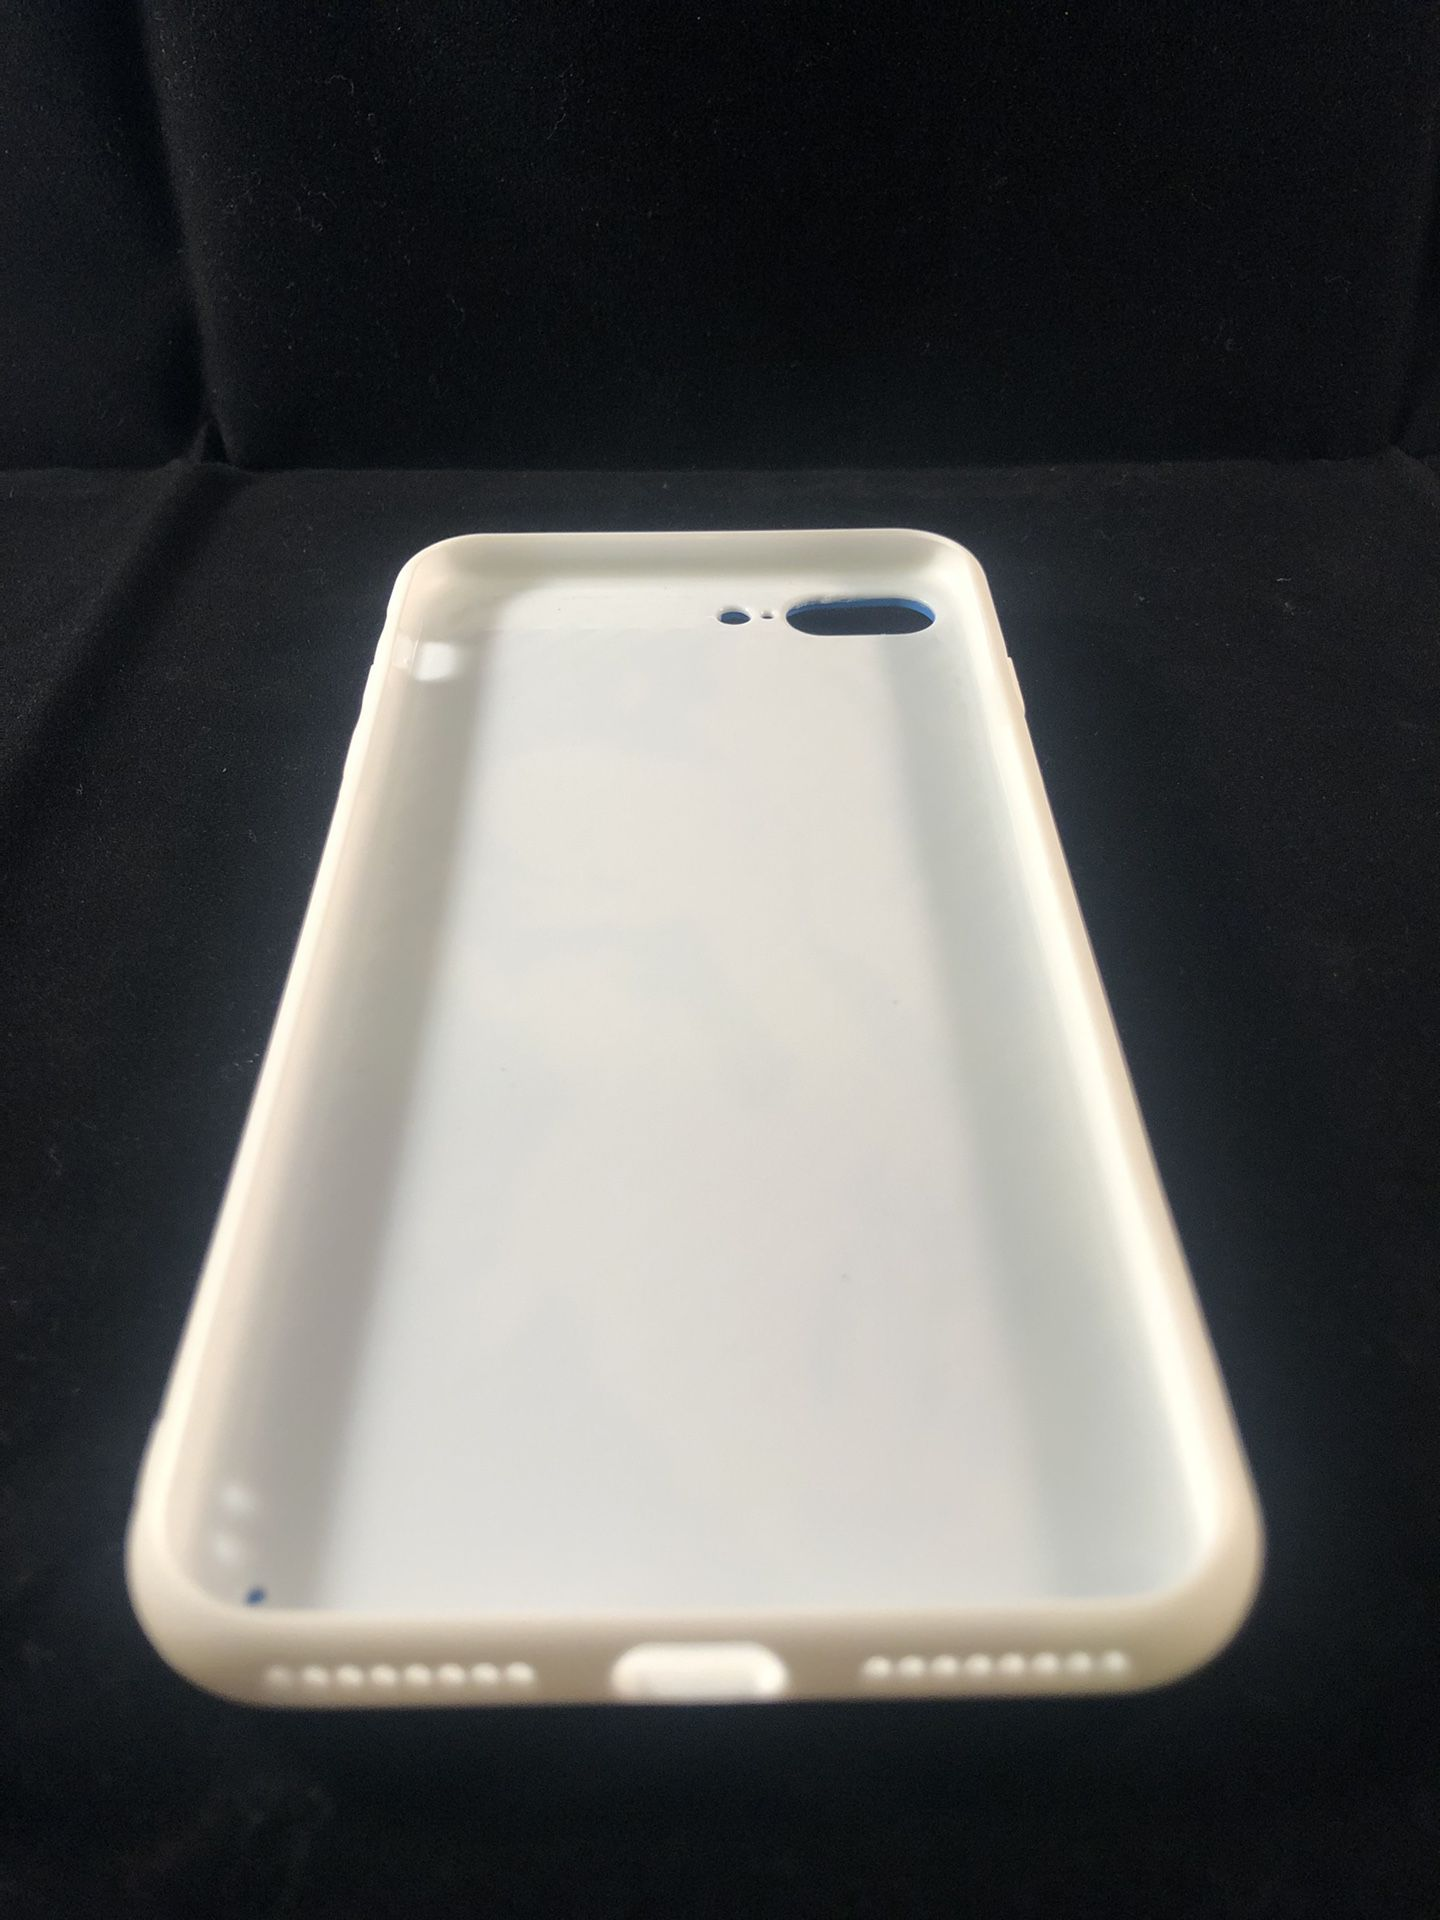 Jordan 3D 11 Retro Shoe iPhone 7/8 Plus Protective Case